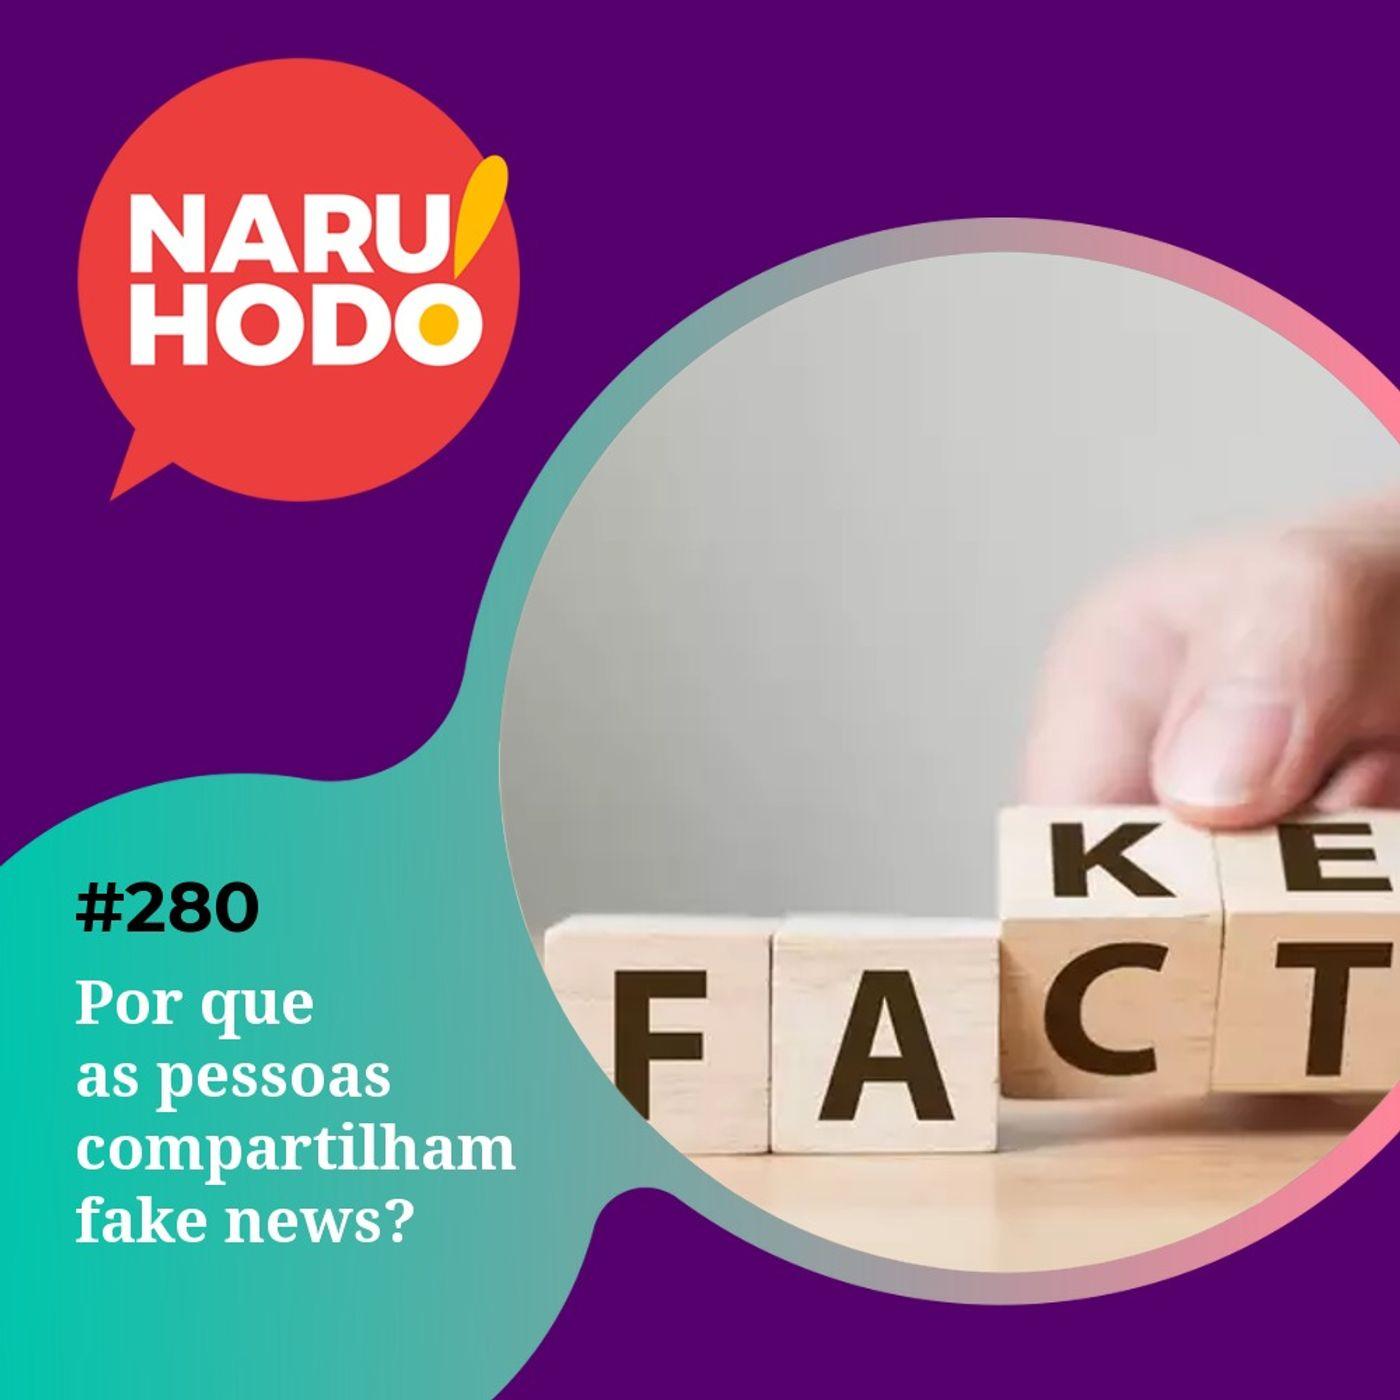 Naruhodo #280 - Por que as pessoas compartilham fake news?